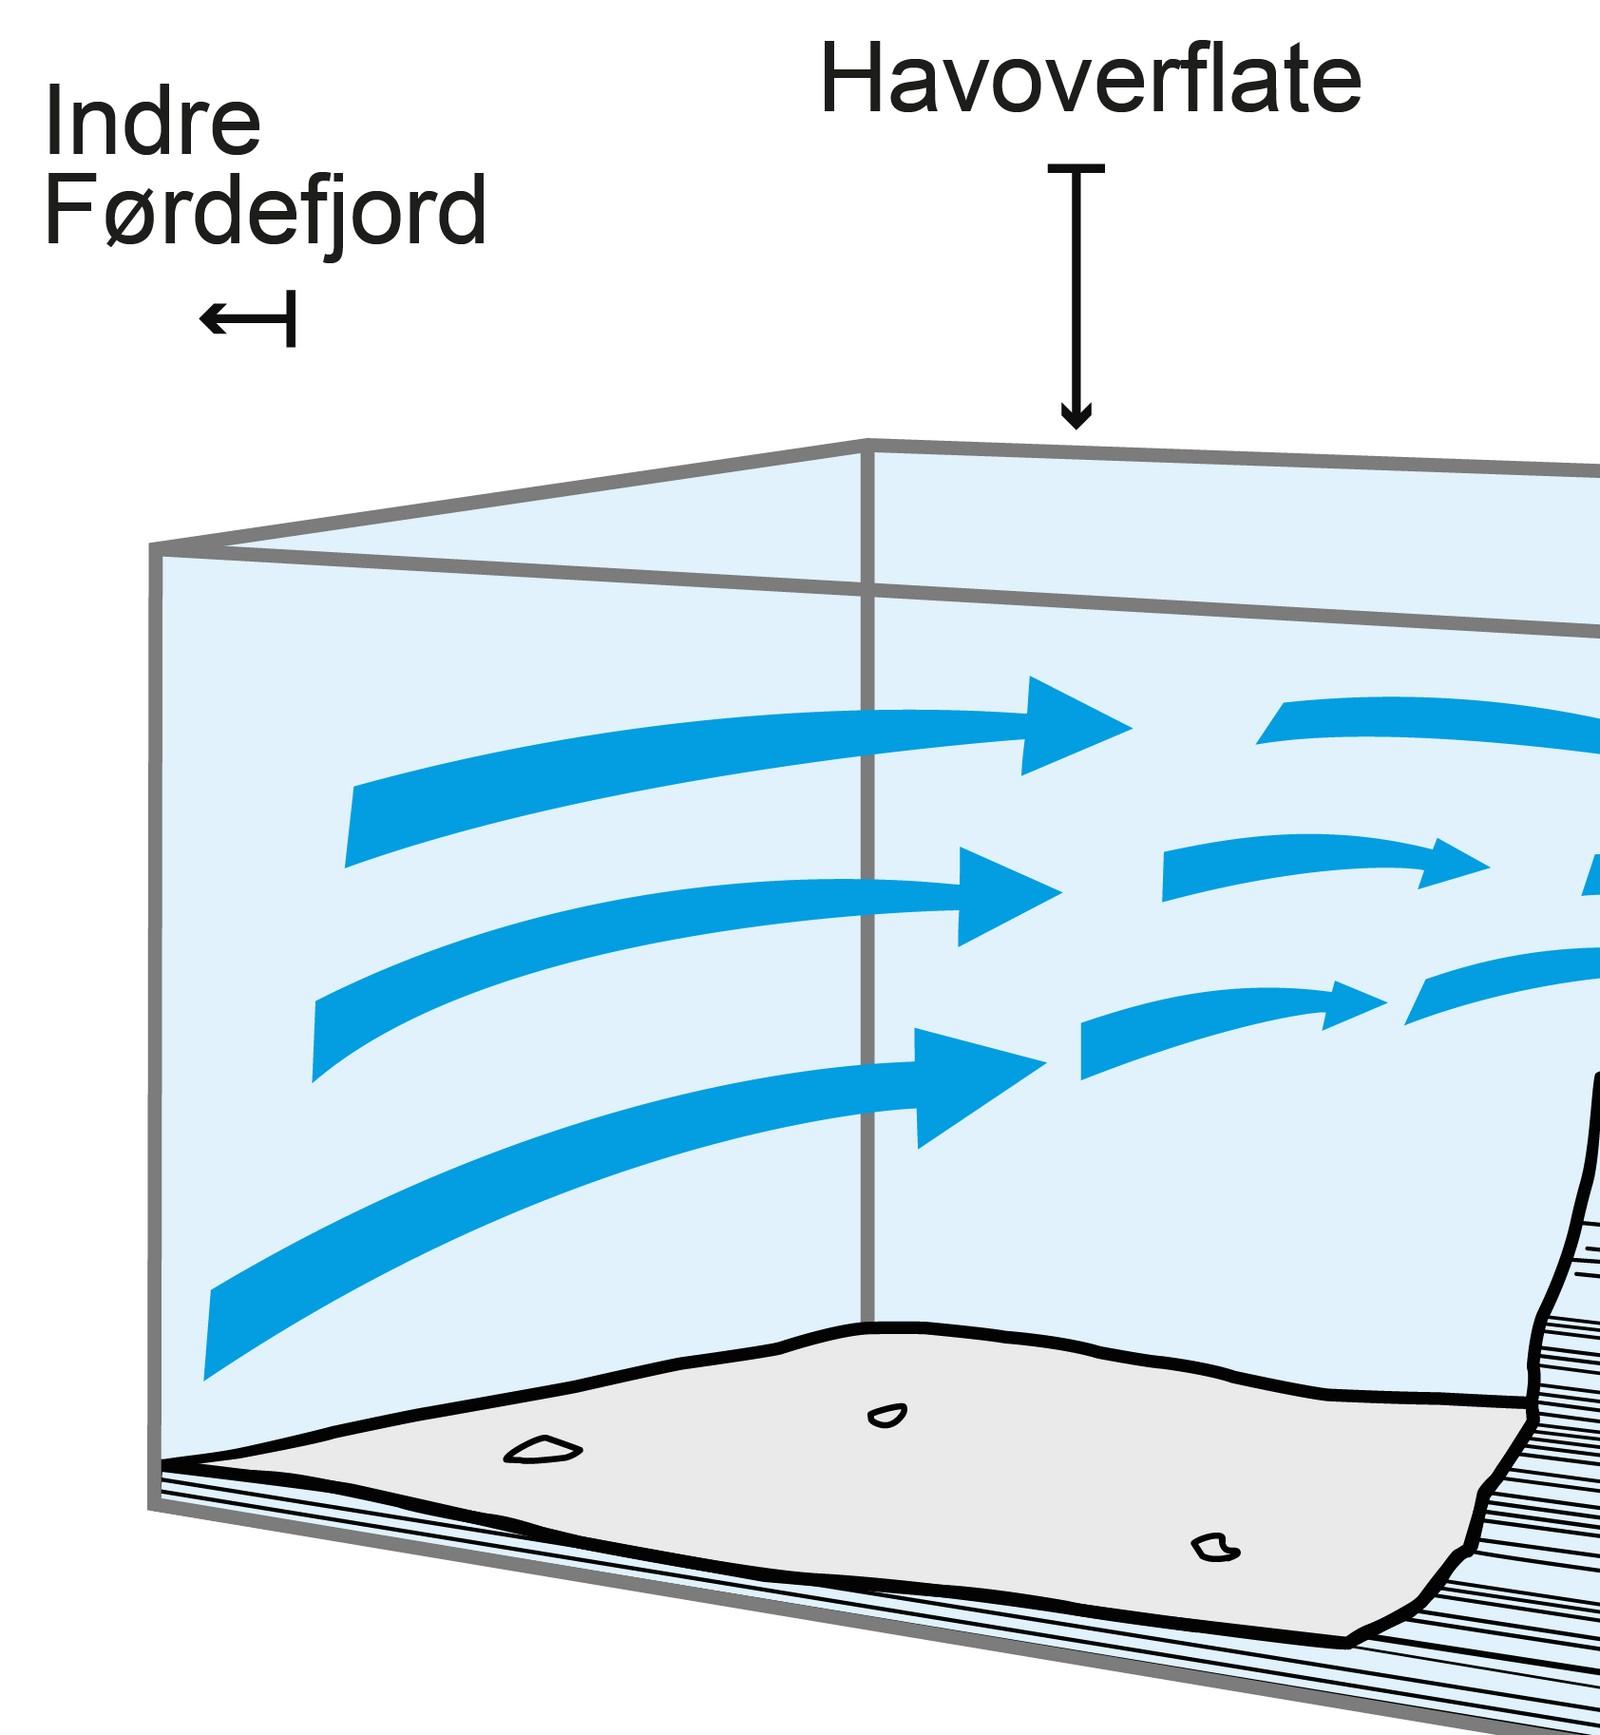 Indre deler av Førdefjorden er forholdsvis dype (opp til 400 meter). Vannstrømmene går i hovedsak i de øvre delene av fjorden, og følger kystlinjen. Strøm som går inn og ut av fjorden må gjennom det trange Ålasundet på veien.